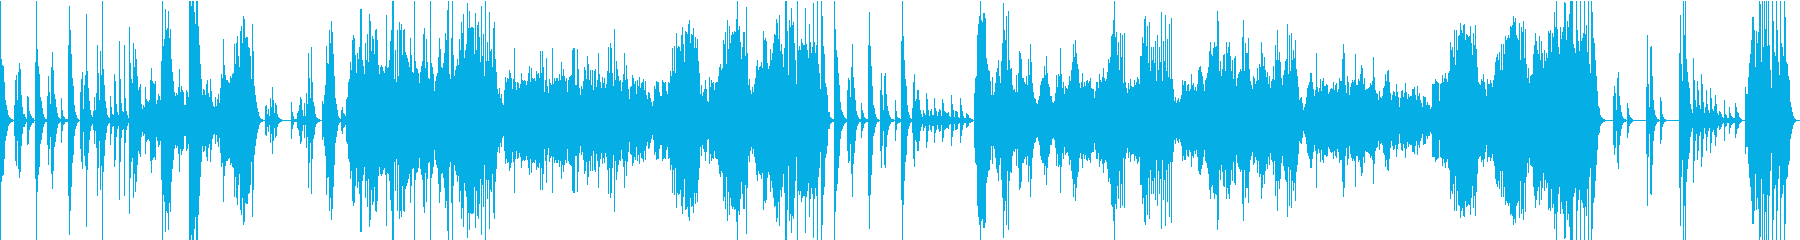 悲愴 第1楽章/ベートーベン・マリンバの再生済みの波形